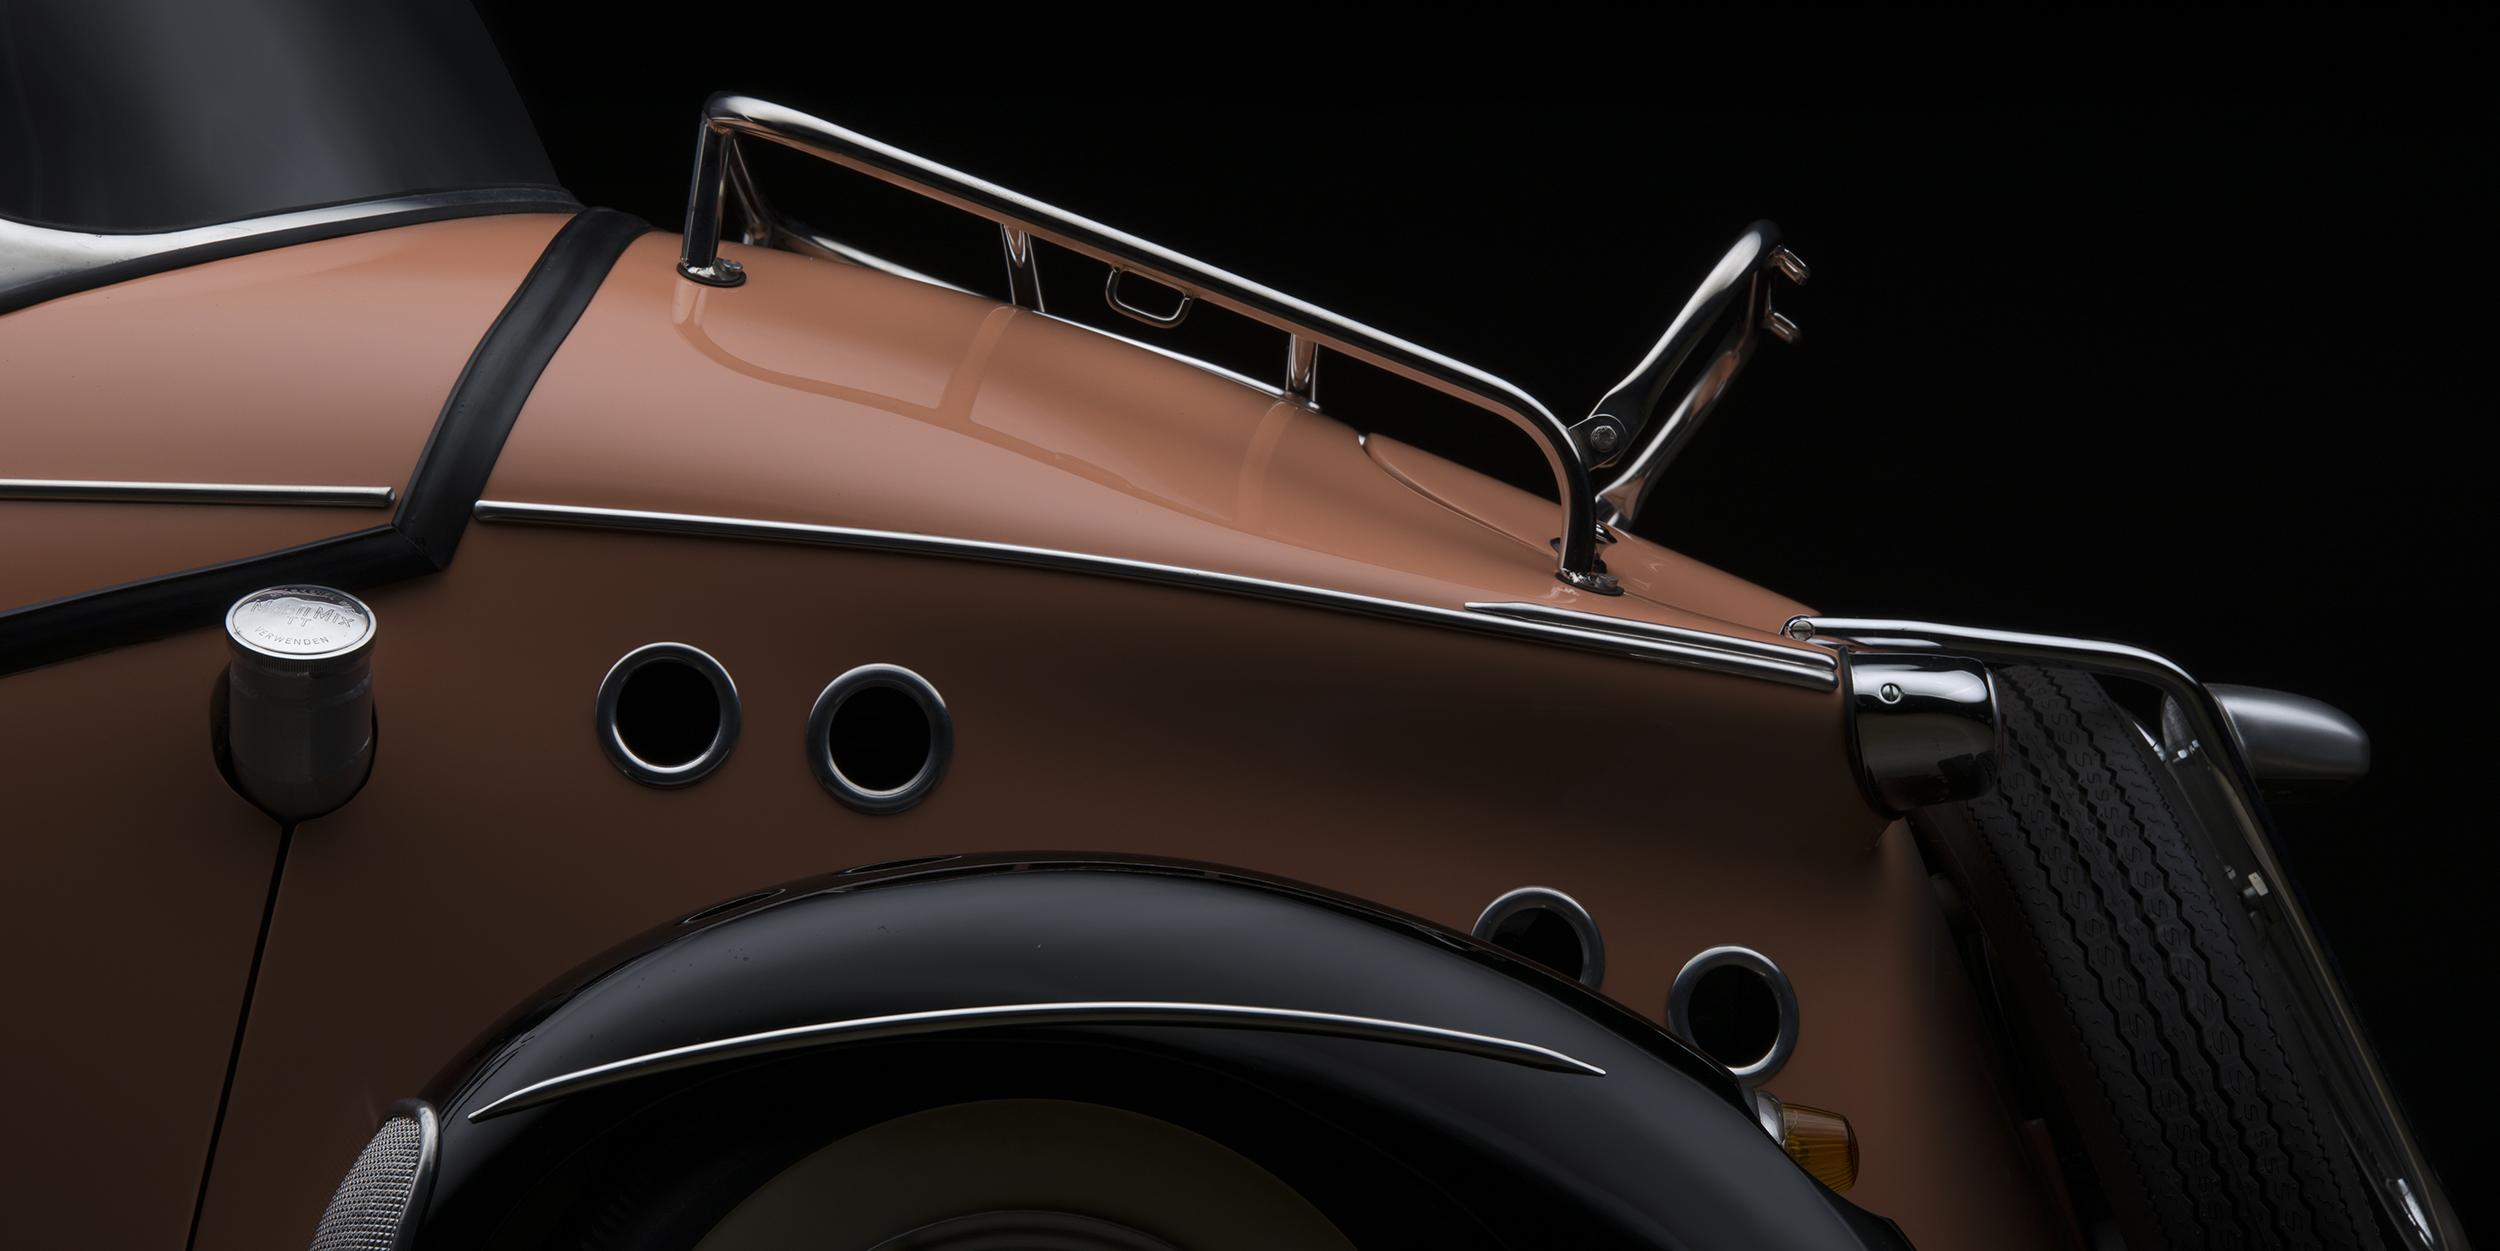 59Messerschmitt-d1.jpg